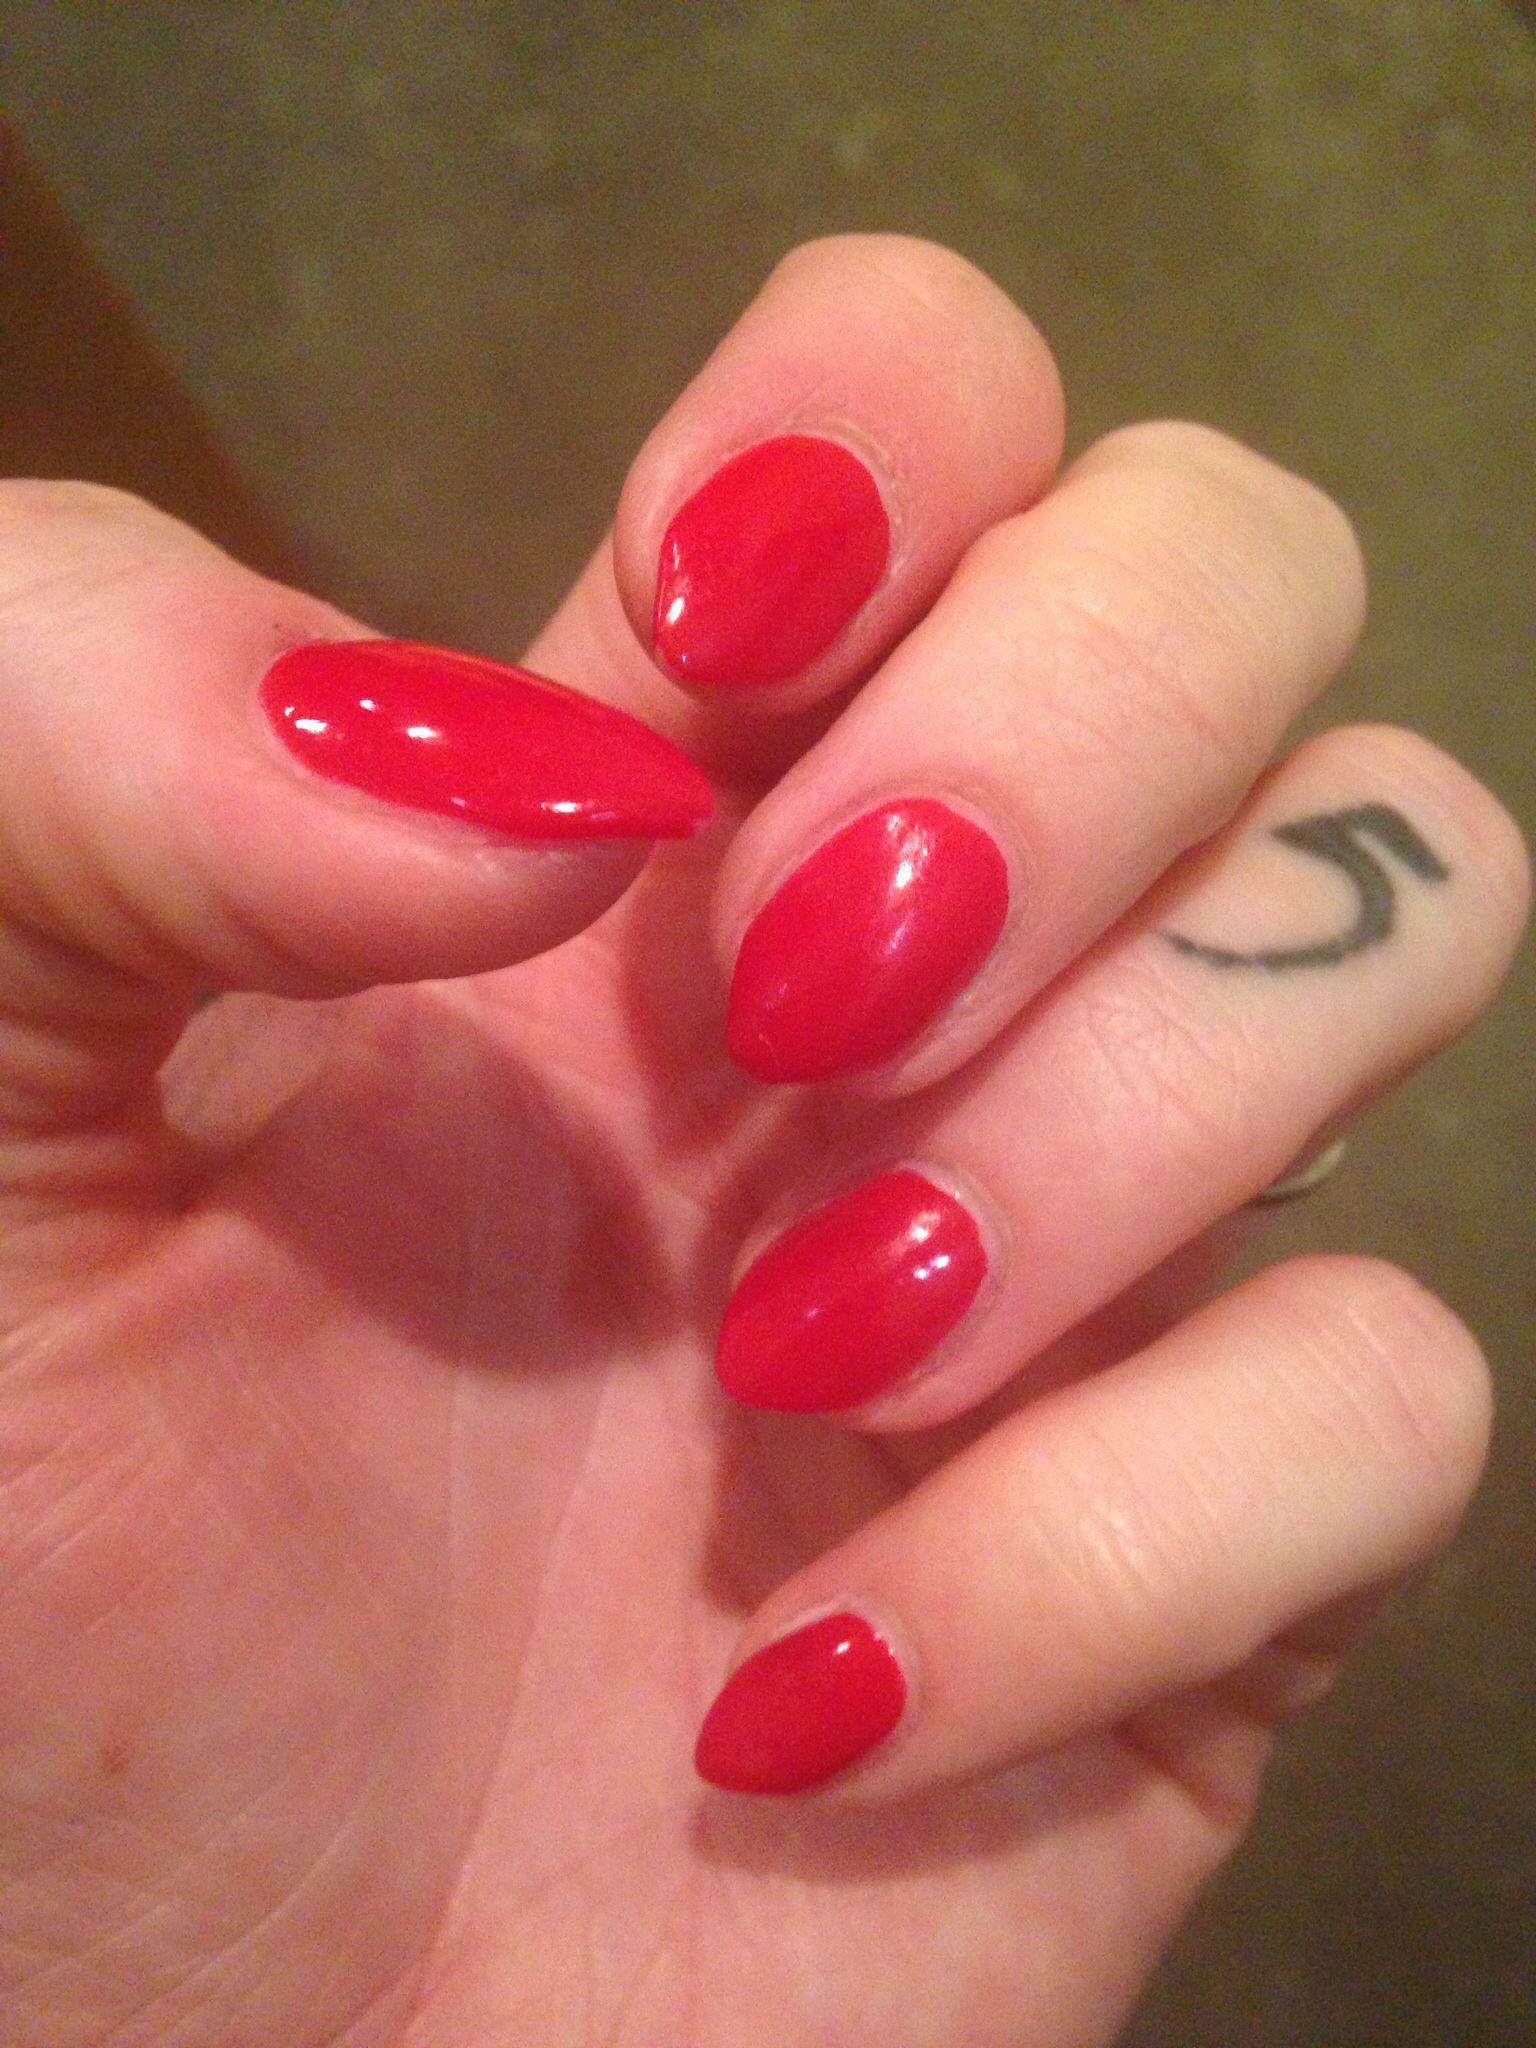 Short Red Stiletto Nails Red Stiletto Nails Red Nails Nails